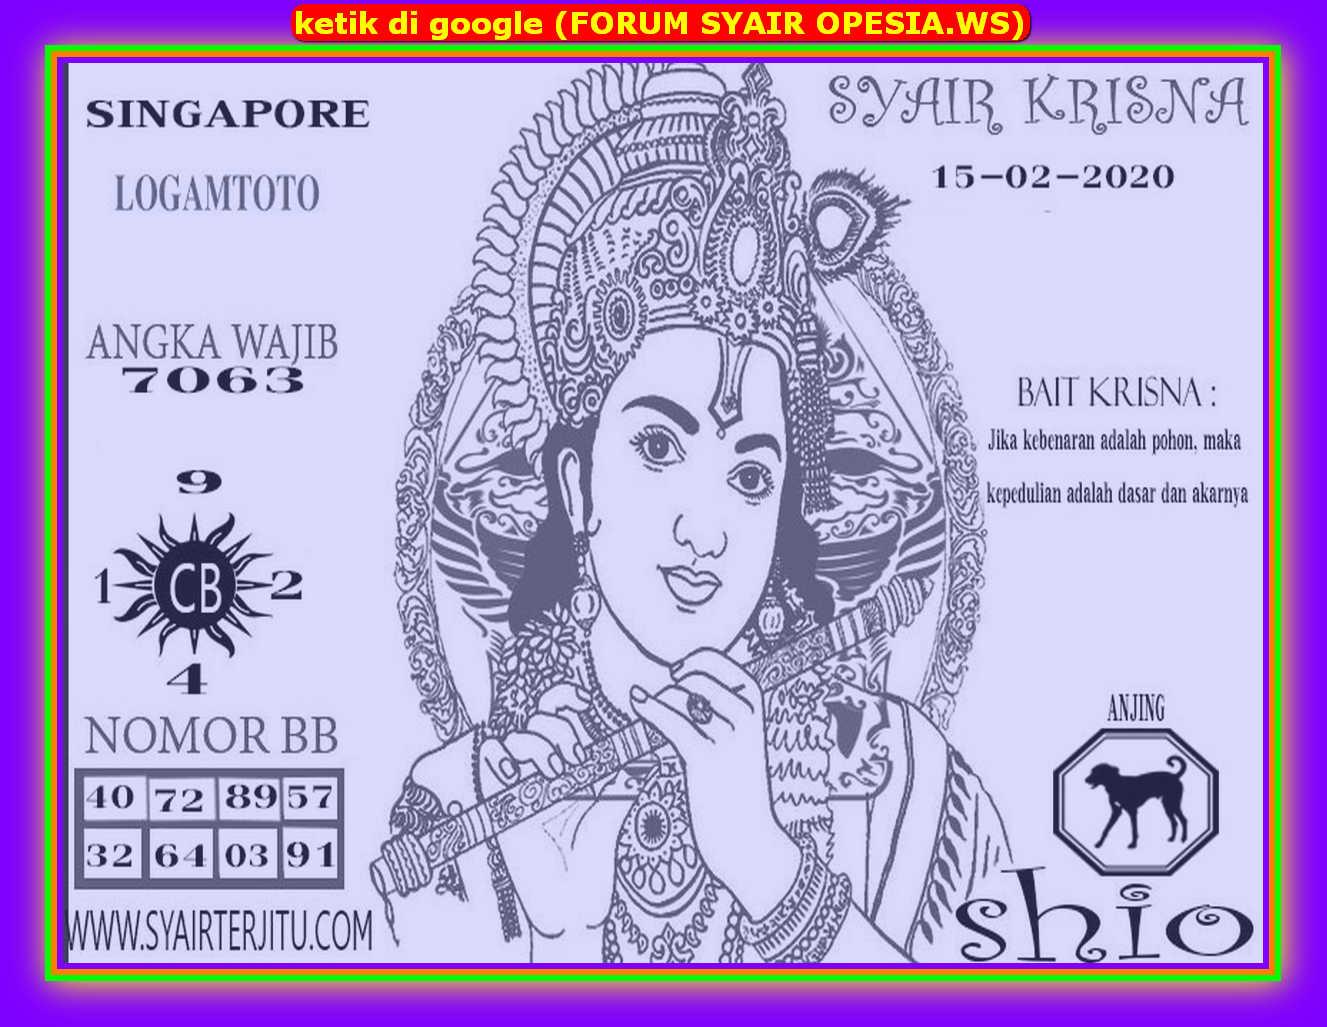 Kode syair Singapore Sabtu 15 Februari 2020 102